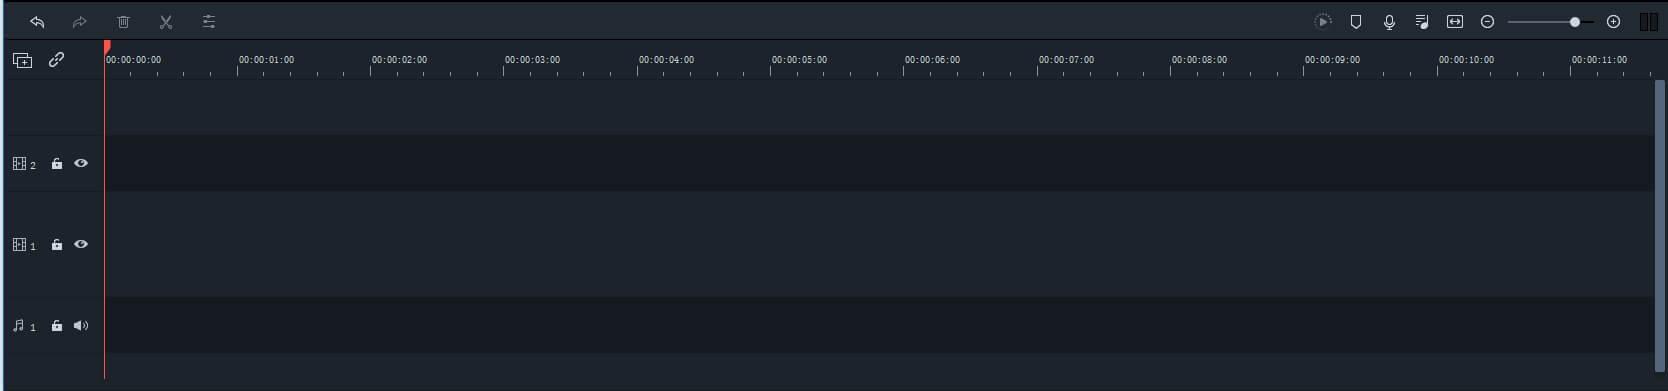 Filmora9 timeline preview